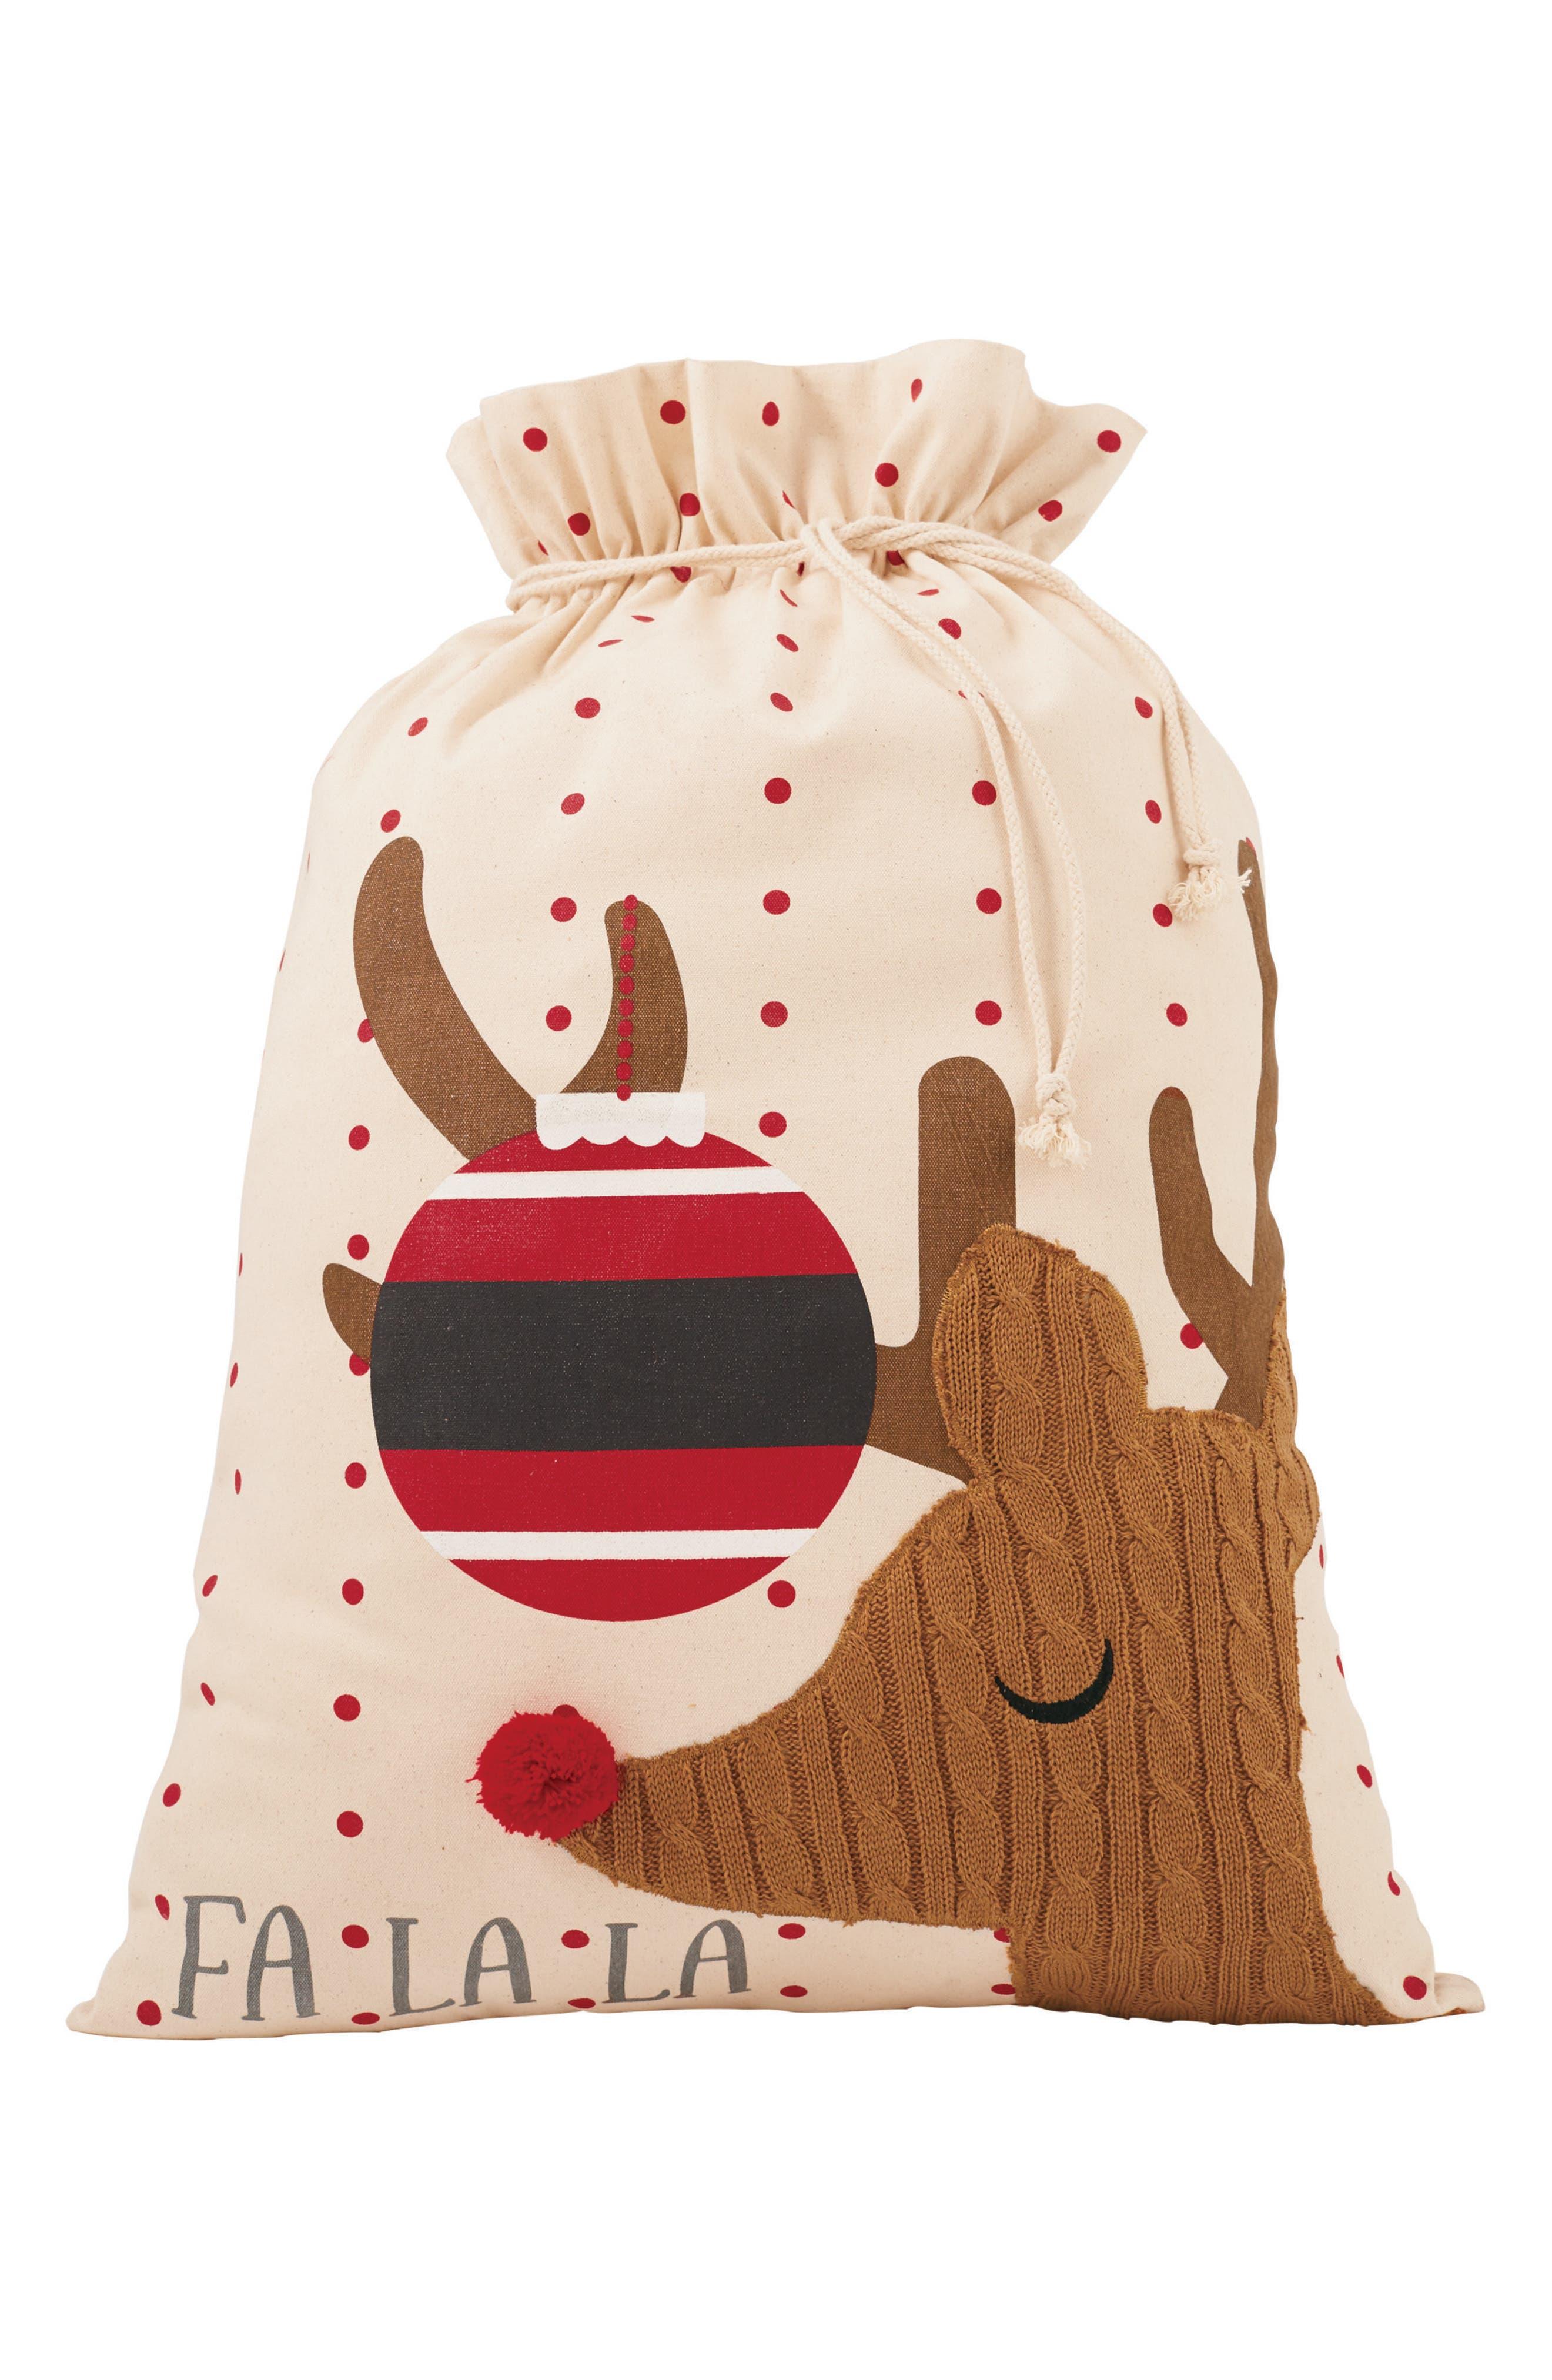 Fa La La Reindeer Canvas Gift Sack,                             Main thumbnail 1, color,                             Tan